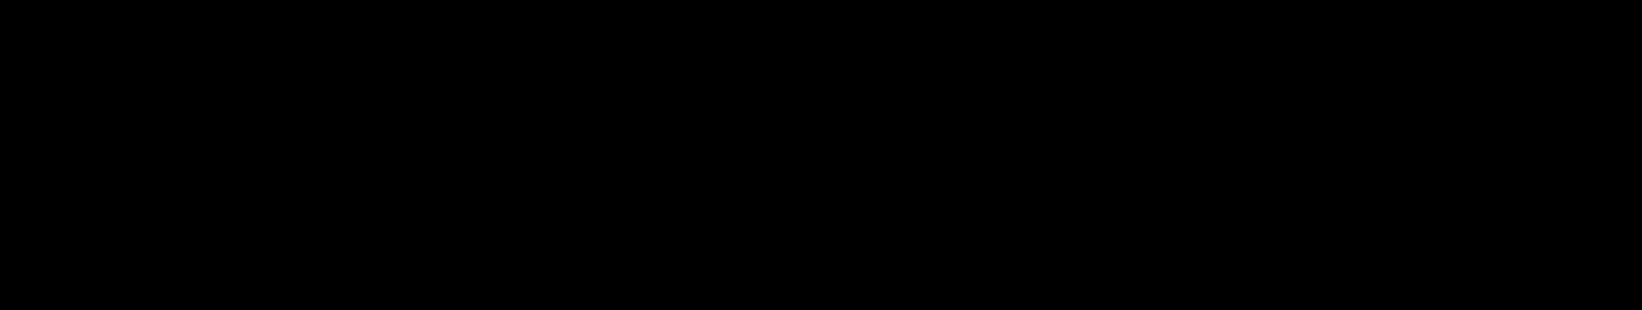 Hitmarker secondary black logo